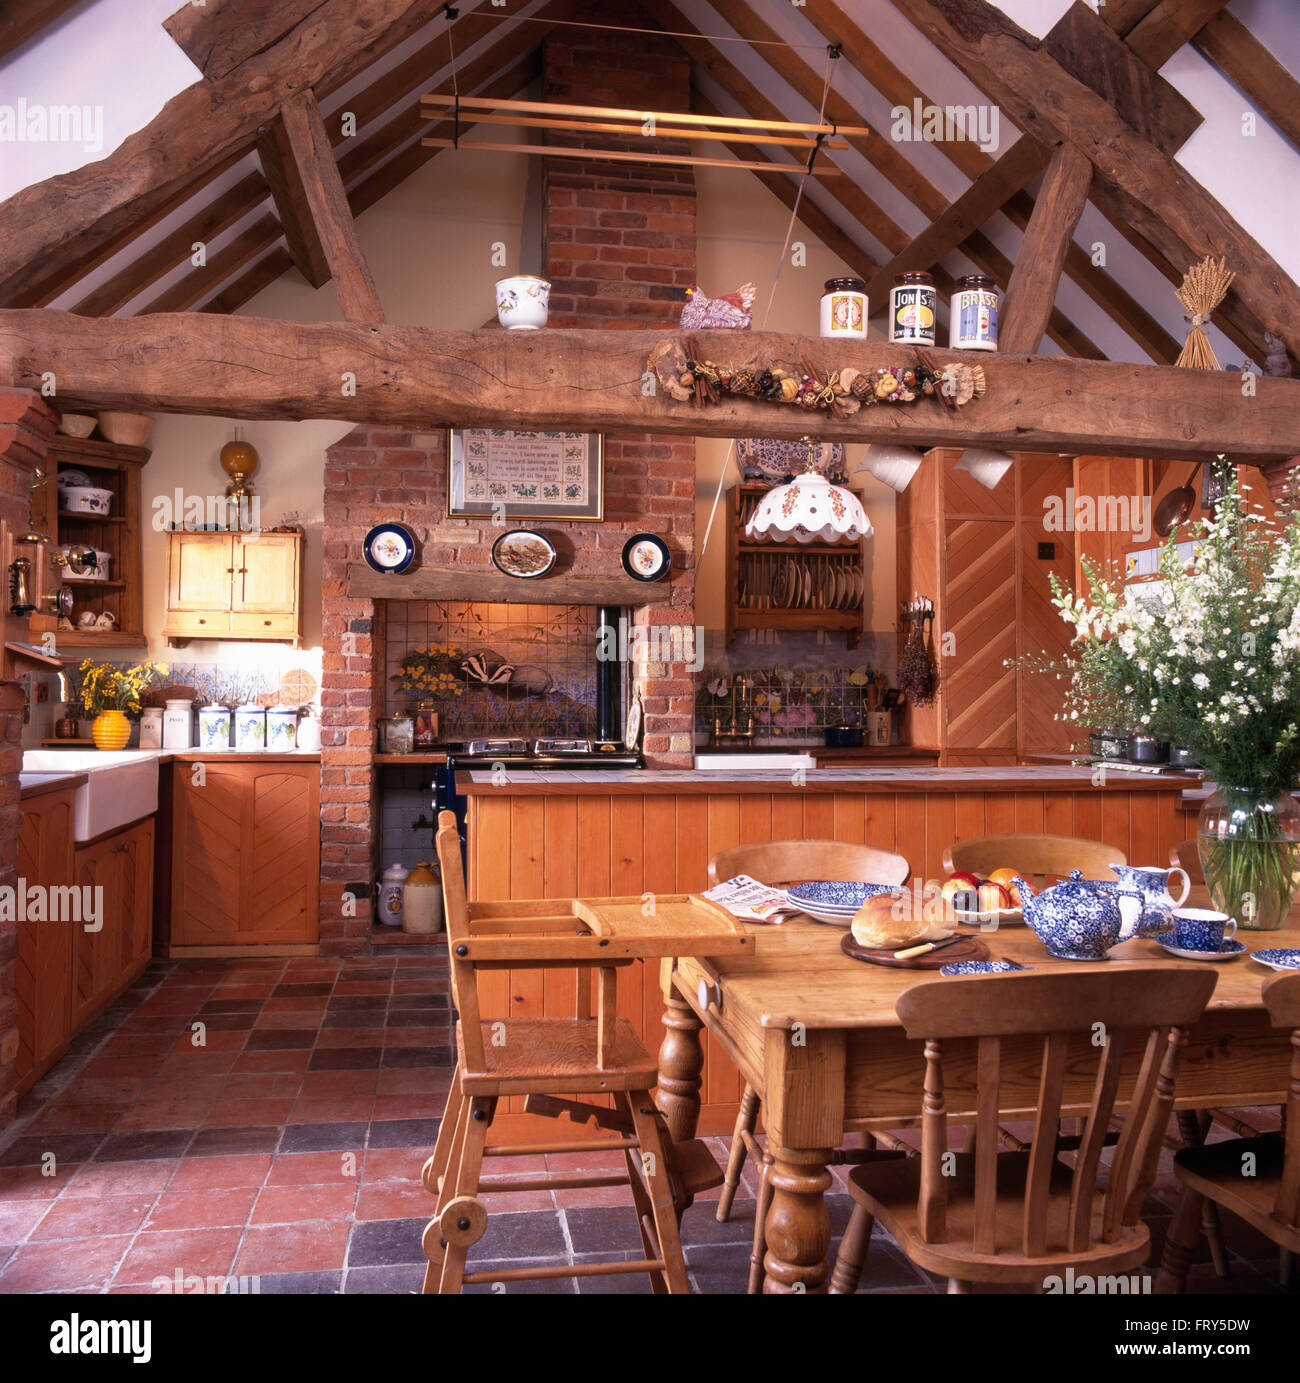 Kiefer Tisch und Stühle im Stall Umbau Küche Esszimmer mit ...